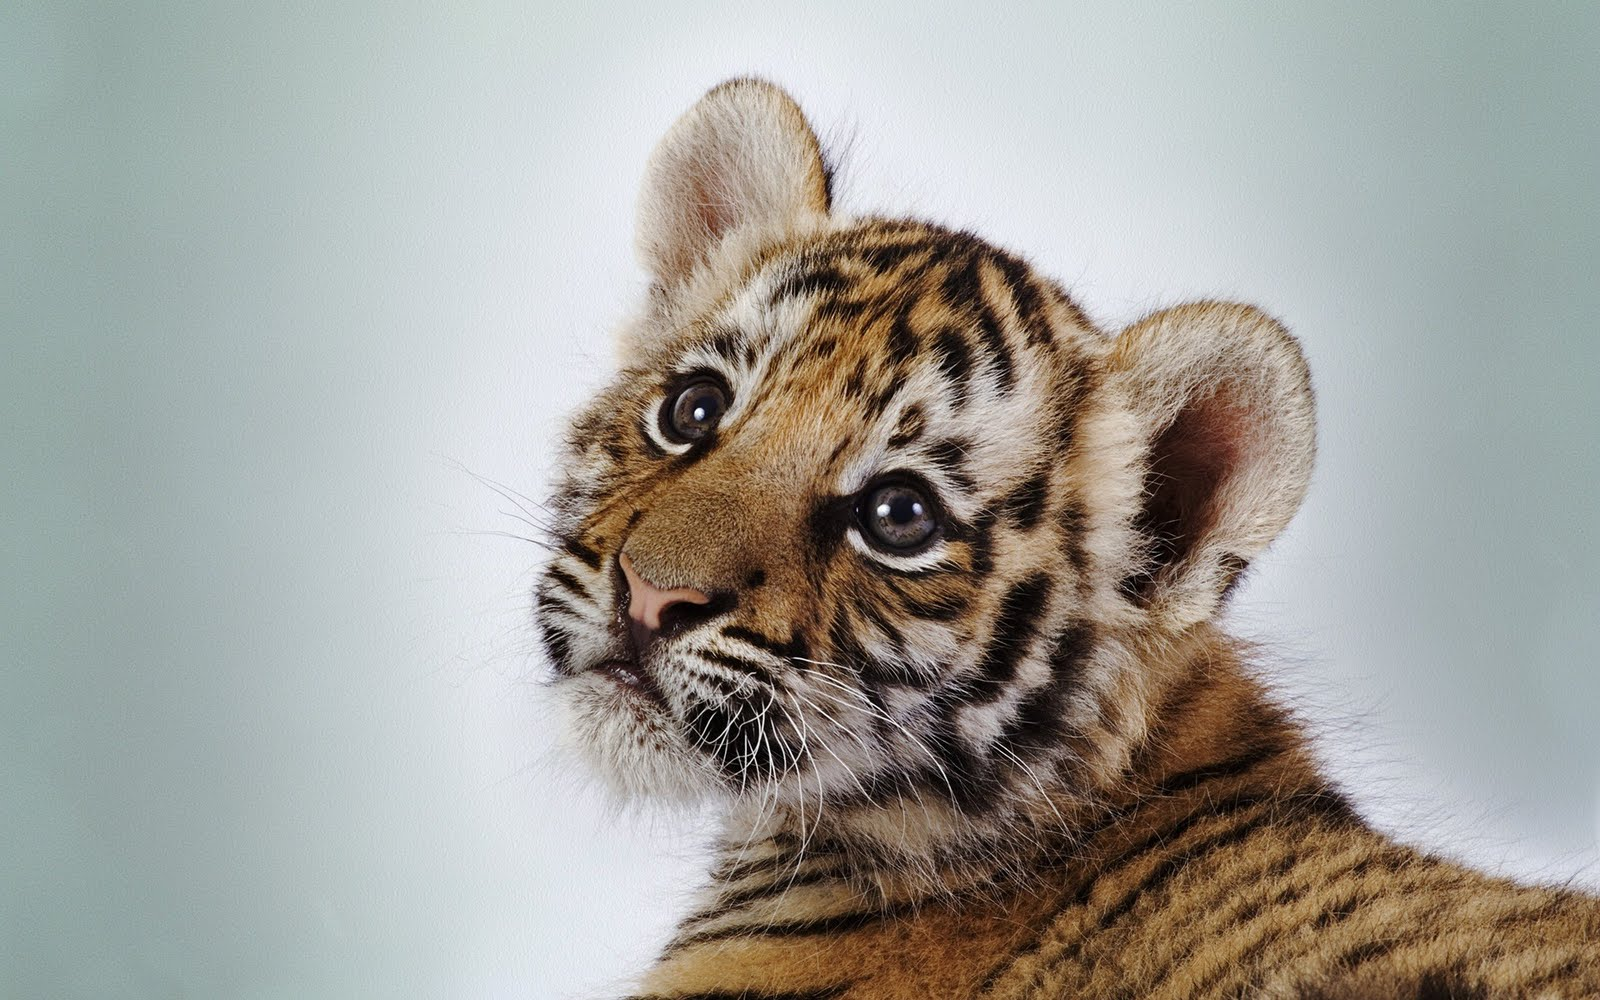 Baby Tigers Desktop Wallpapers 2013 Wallpapers 1600x1000